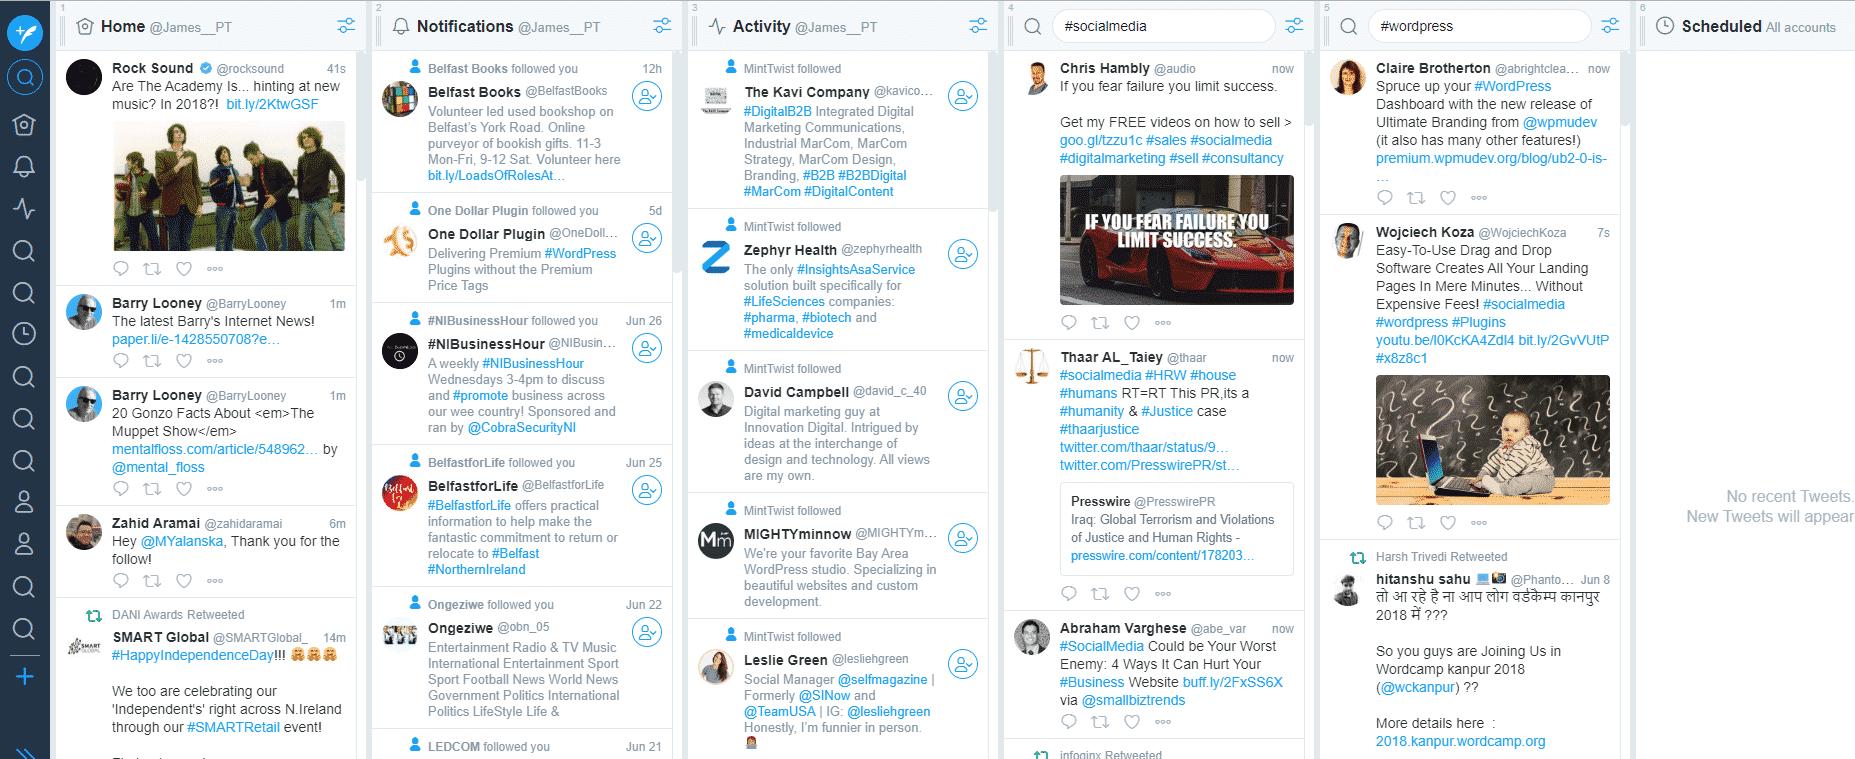 TweetDeck dashboard